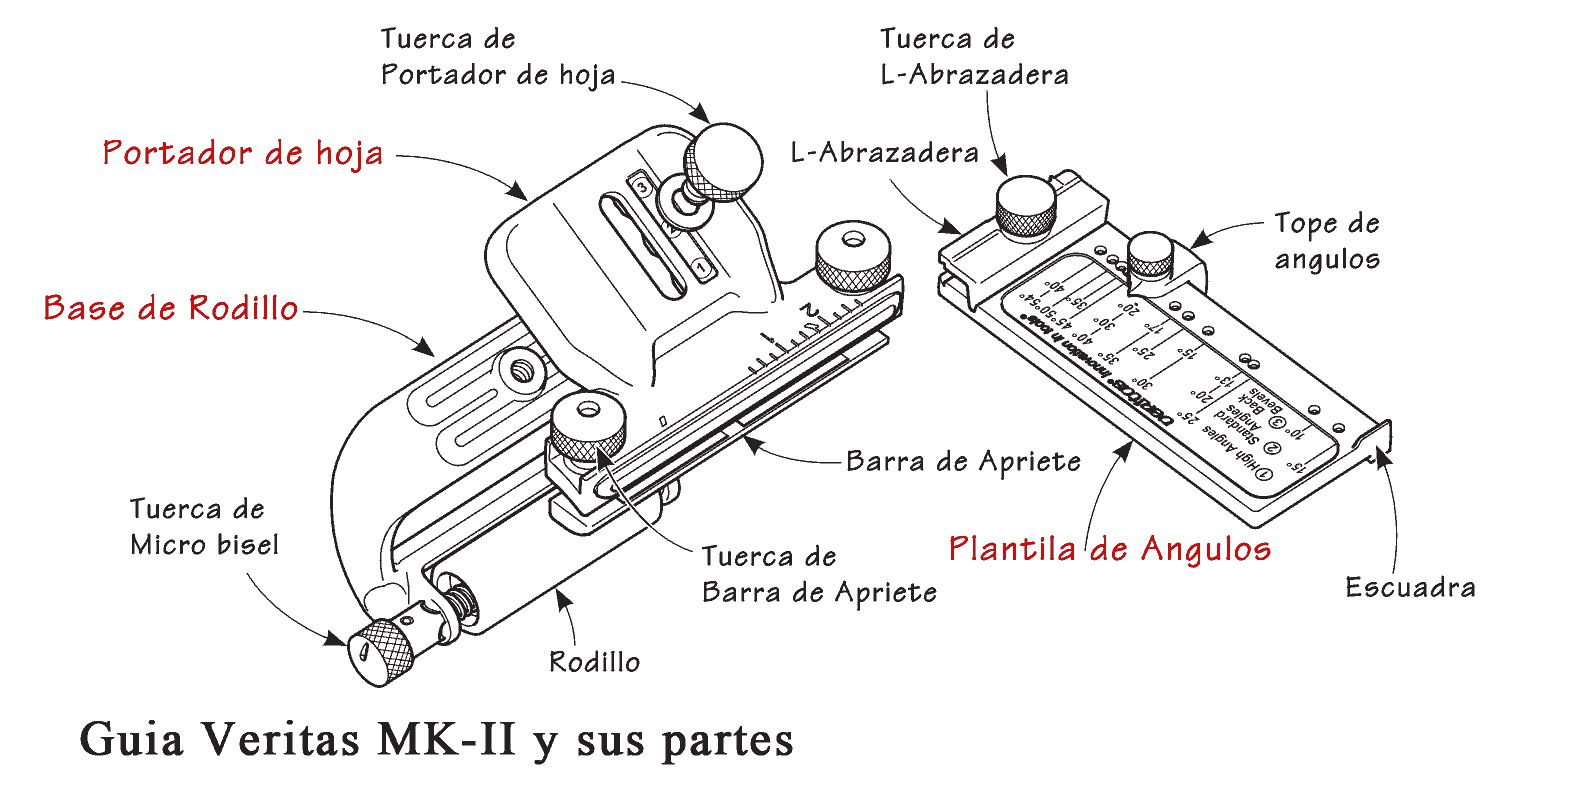 05M09.01-Guia de afilar MK2 cepillos, formones Veritas 05M09.01-max-8.